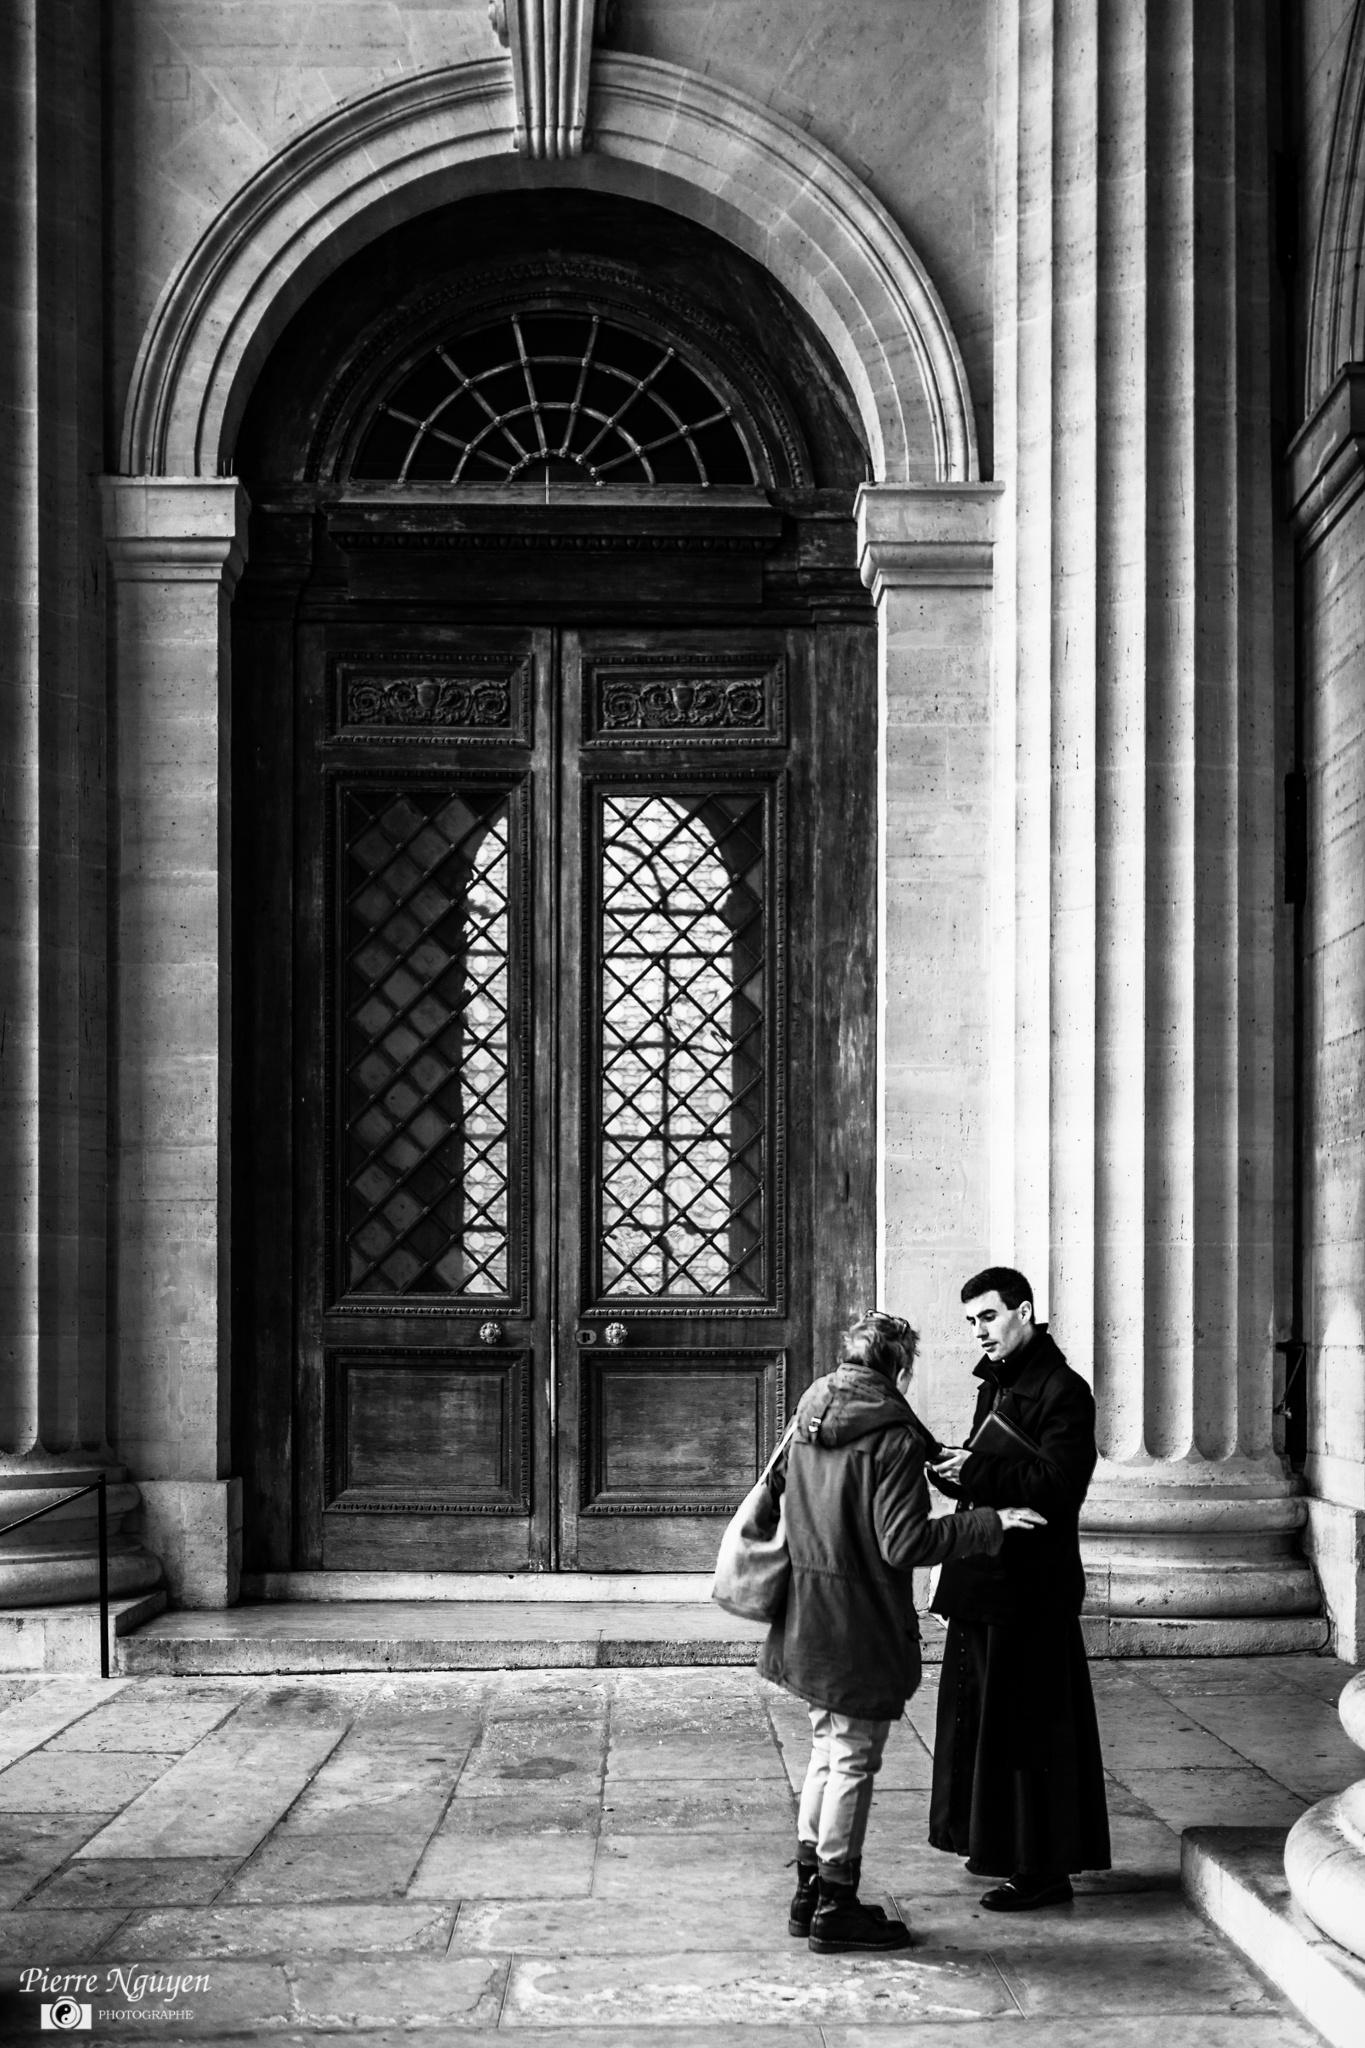 Fête de la Divine Miséricorde @ Eglise Saint-Sulpice by Pierre Nguyen